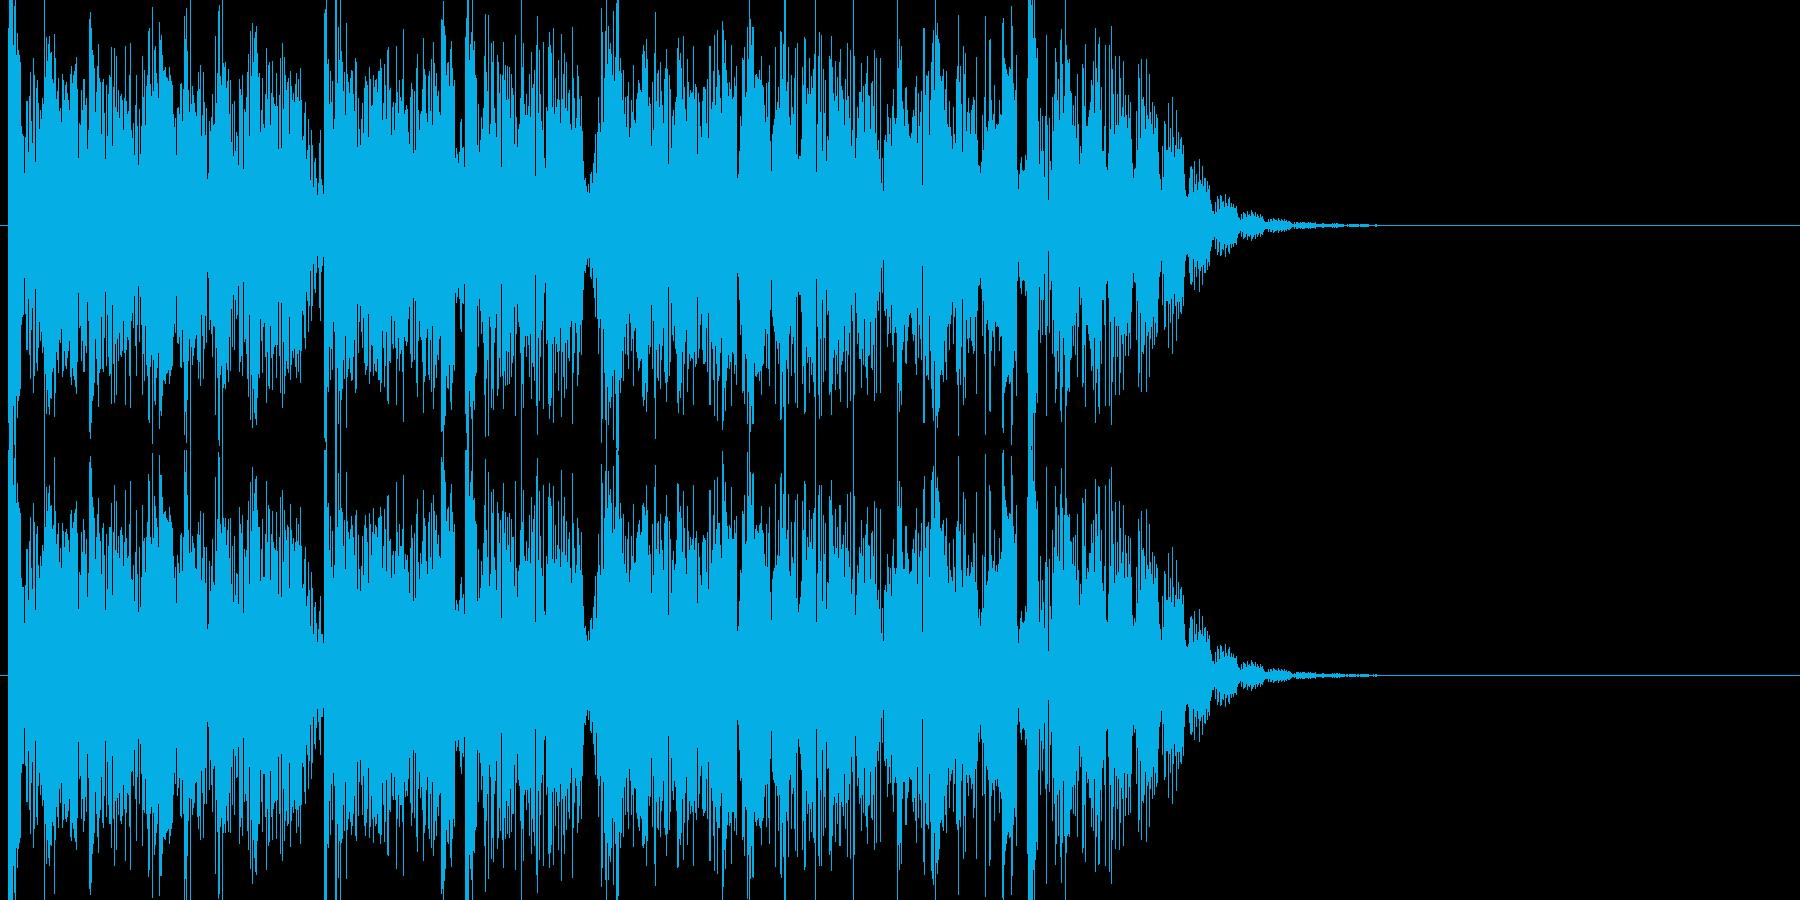 無機質で残響音が多彩で印象的な15秒の曲の再生済みの波形